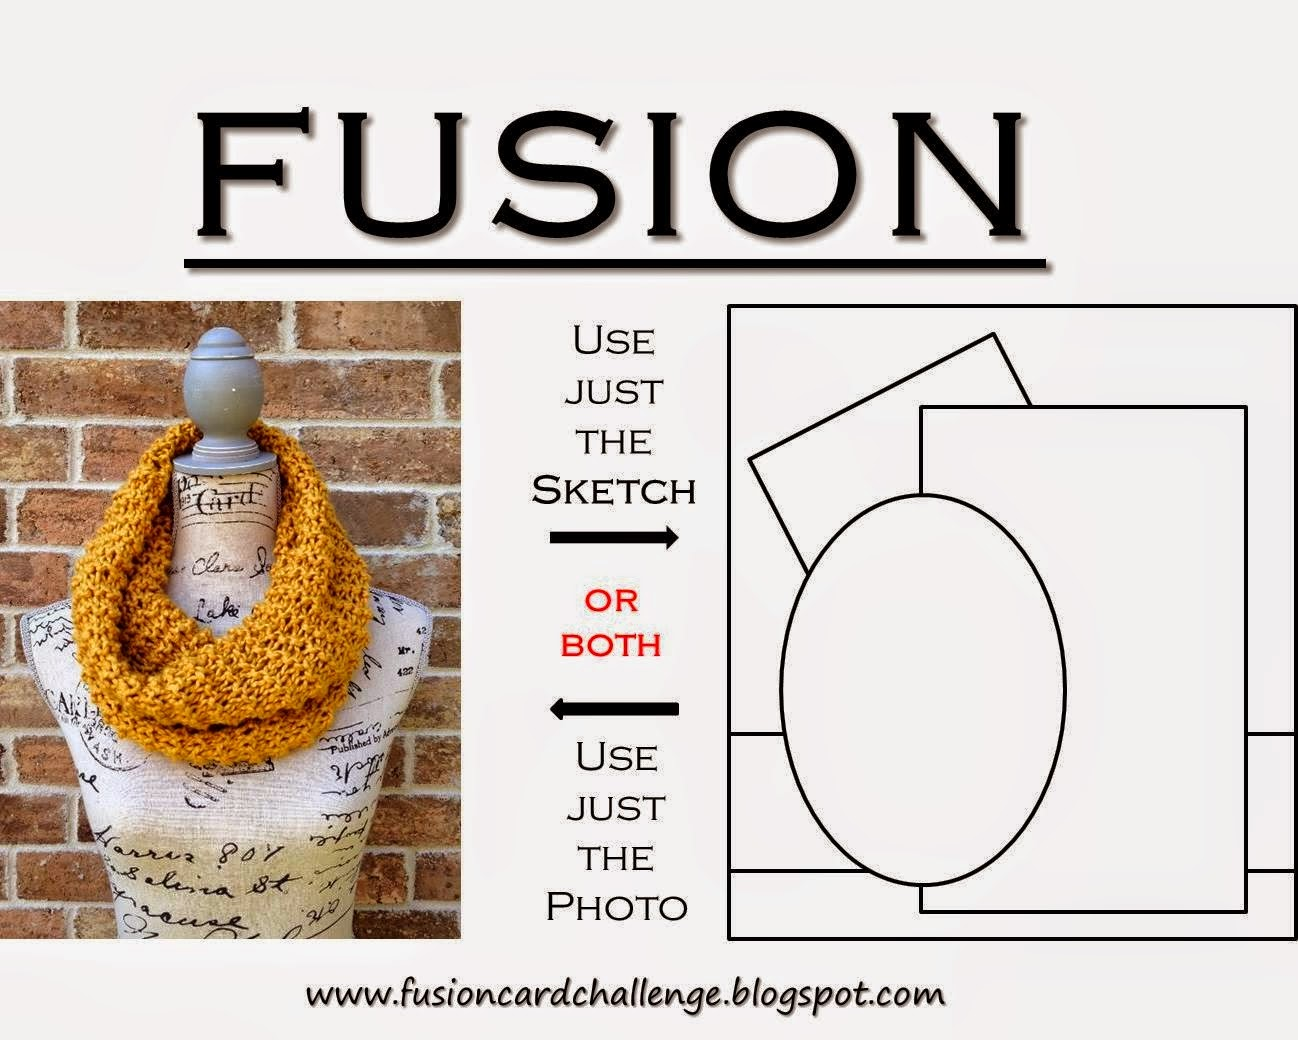 http://fusioncardchallenge.blogspot.com/2014/03/fusion-7.html